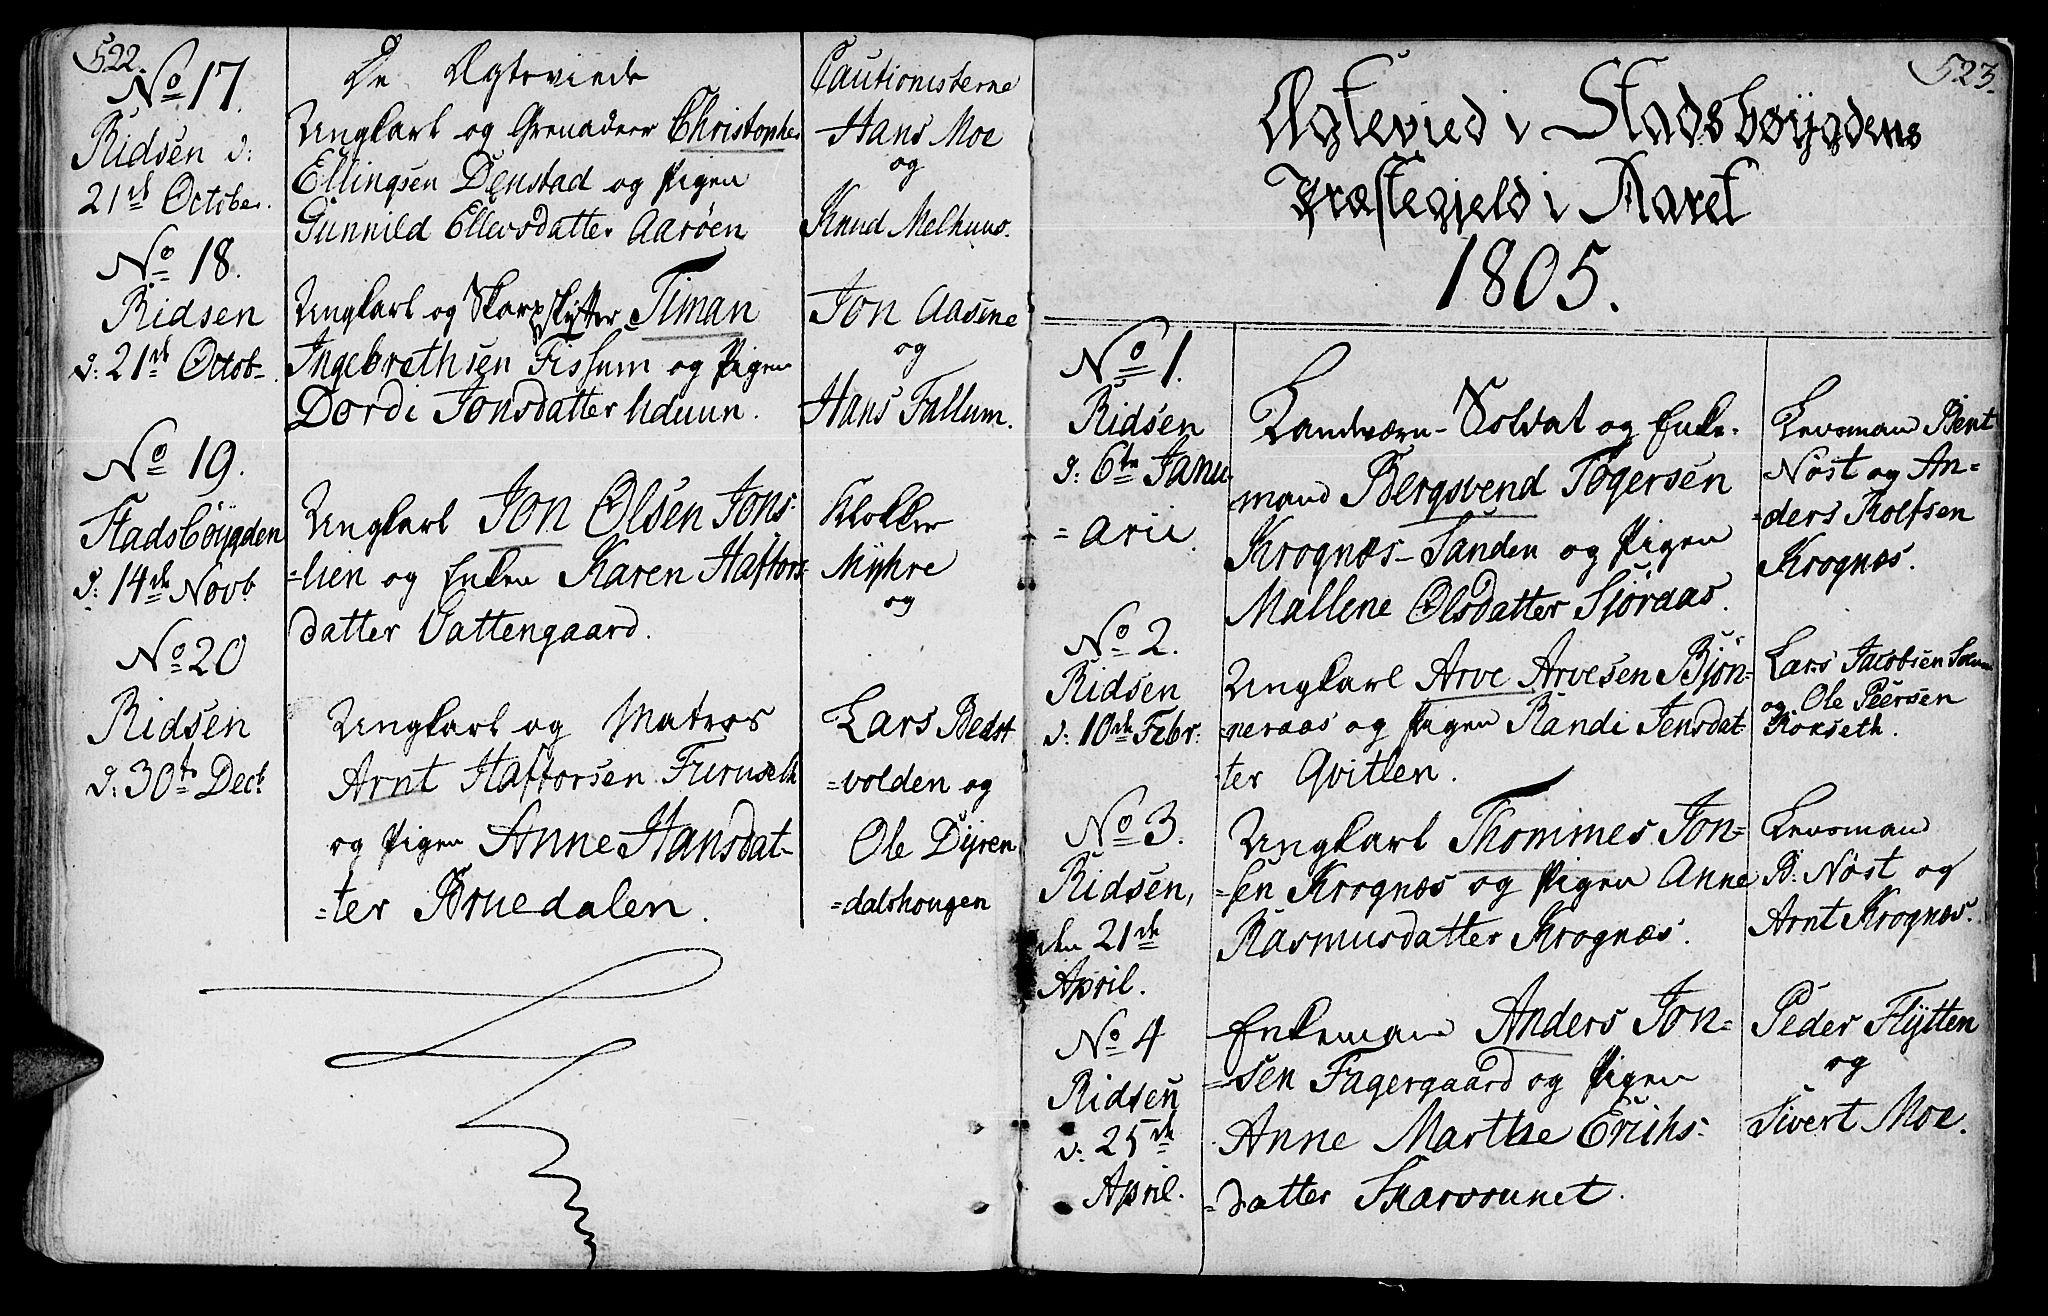 SAT, Ministerialprotokoller, klokkerbøker og fødselsregistre - Sør-Trøndelag, 646/L0606: Ministerialbok nr. 646A04, 1791-1805, s. 522-523